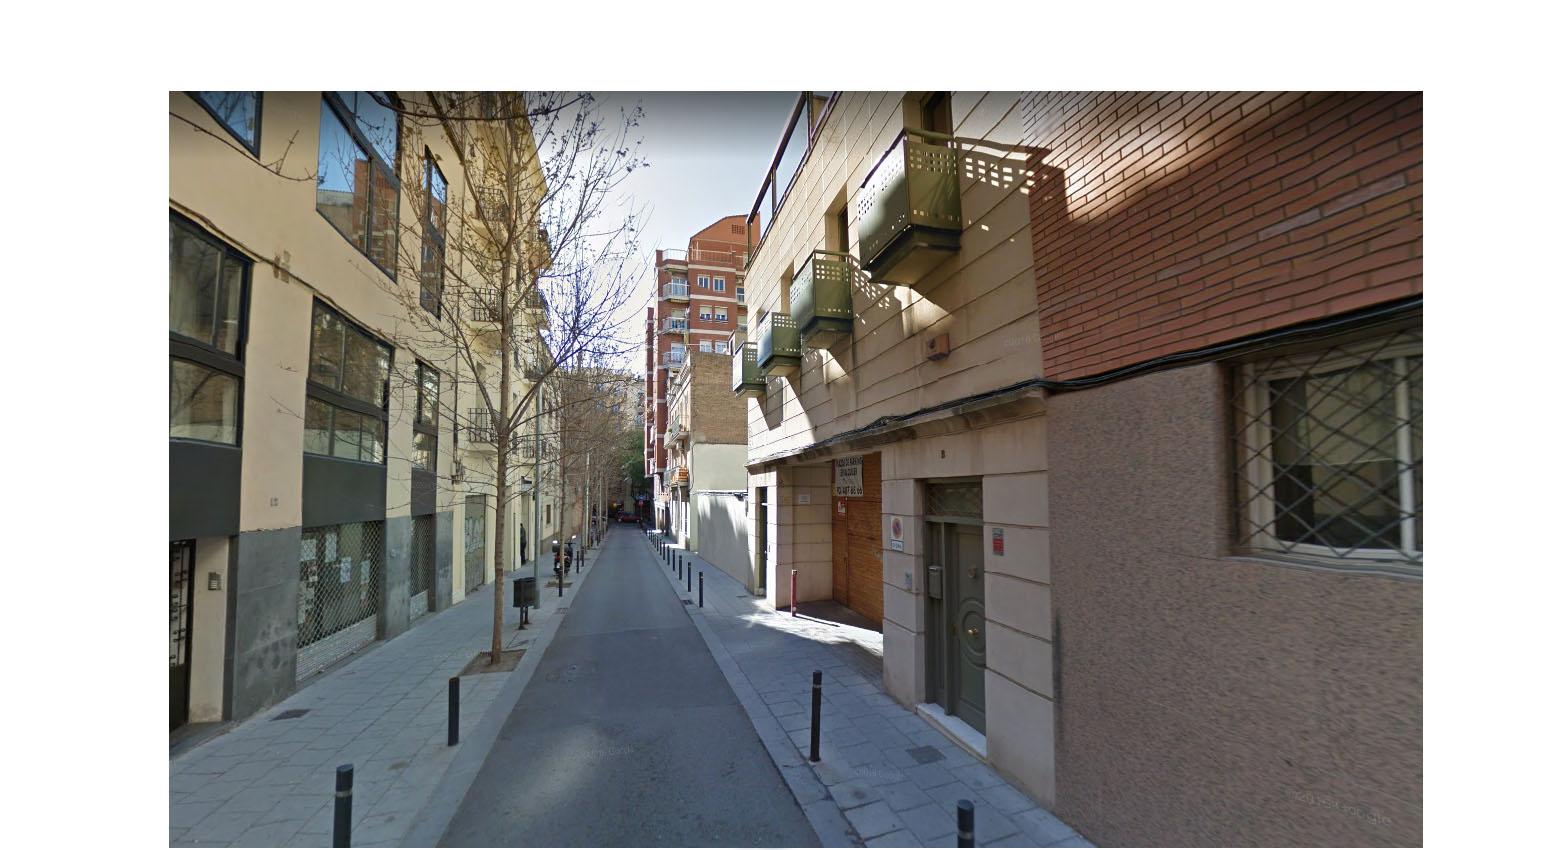 Luigi ci illustra le vie di Barcellona senza uato parcheggiate, un altro mondo, vero?